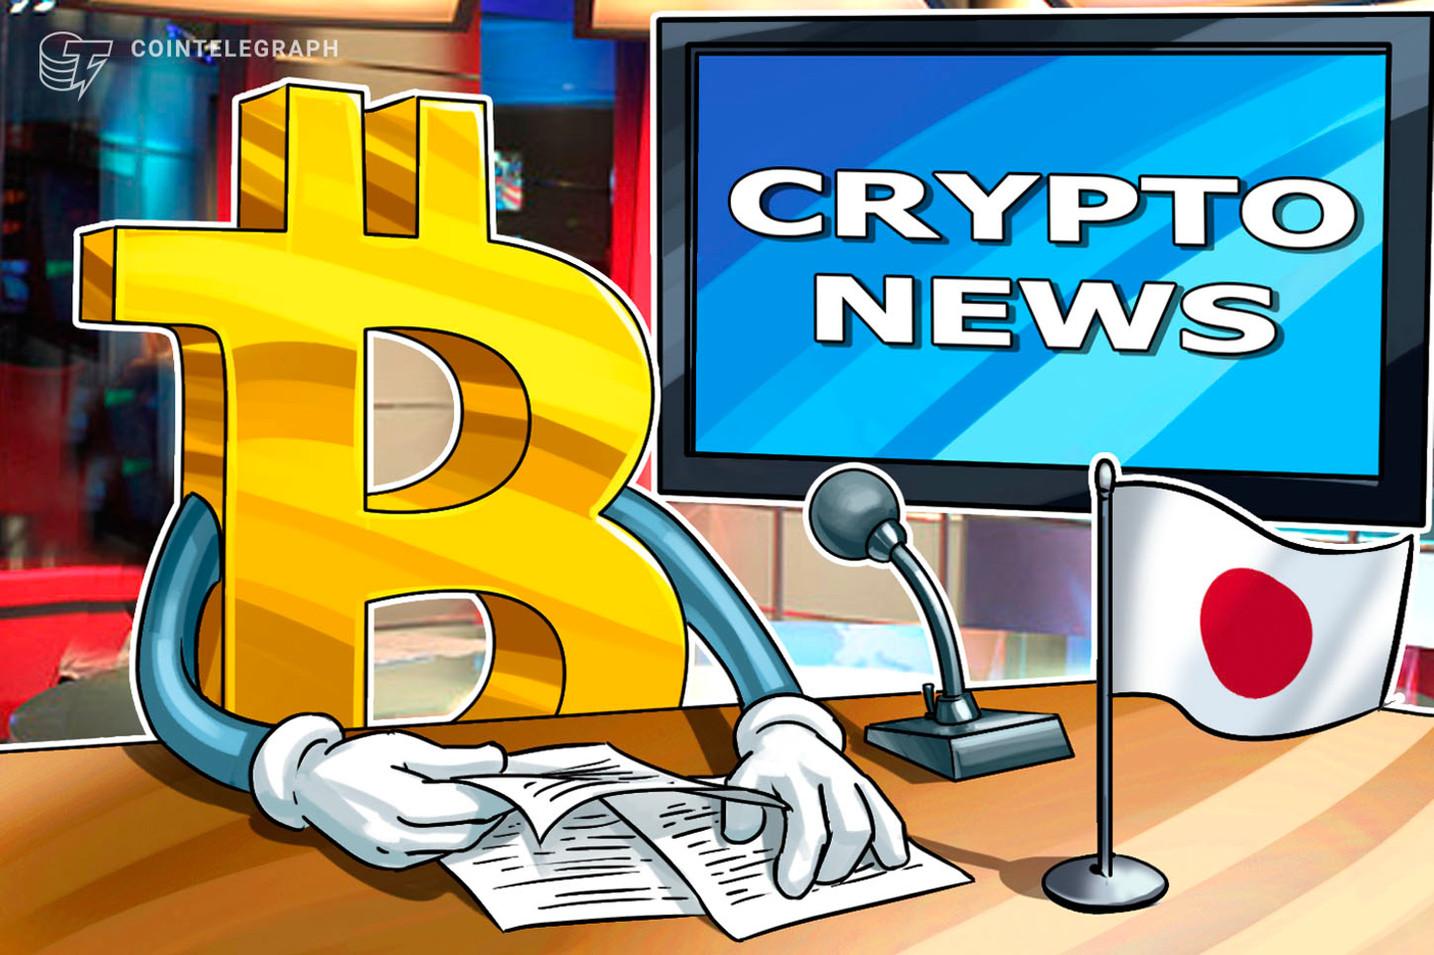 仮想通貨ビットコインを担保にローン、大和証券傘下のFintertechがサービス開始